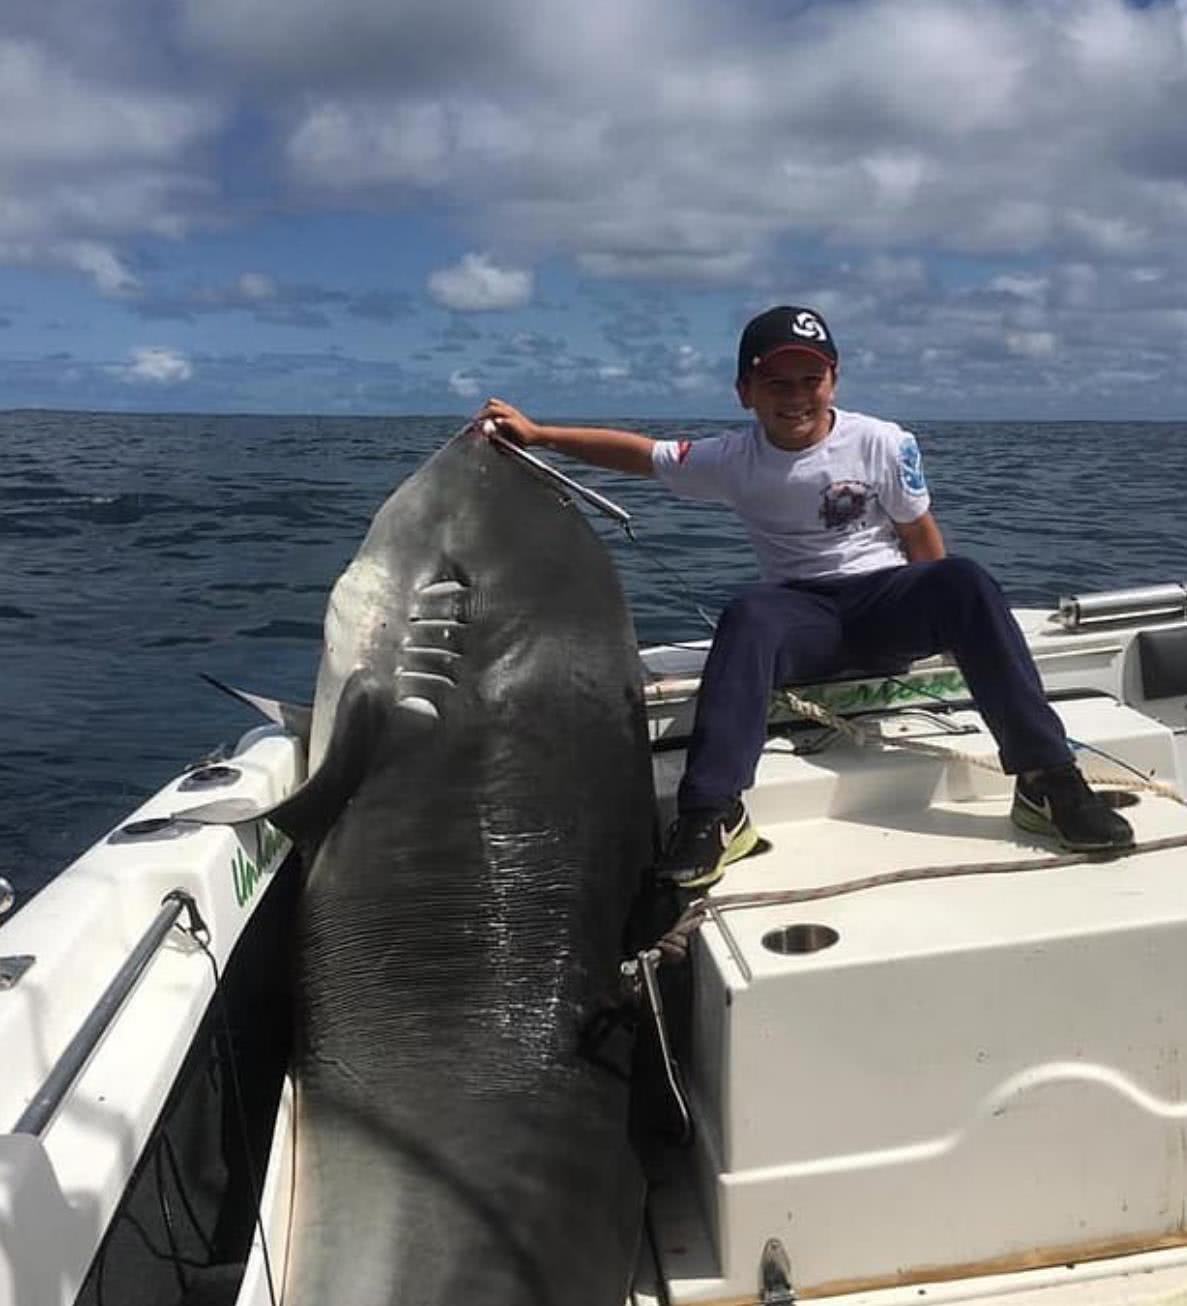 8岁熊孩子钓鱼收获意外惊喜:捕获一条大鲨鱼,重达600多斤